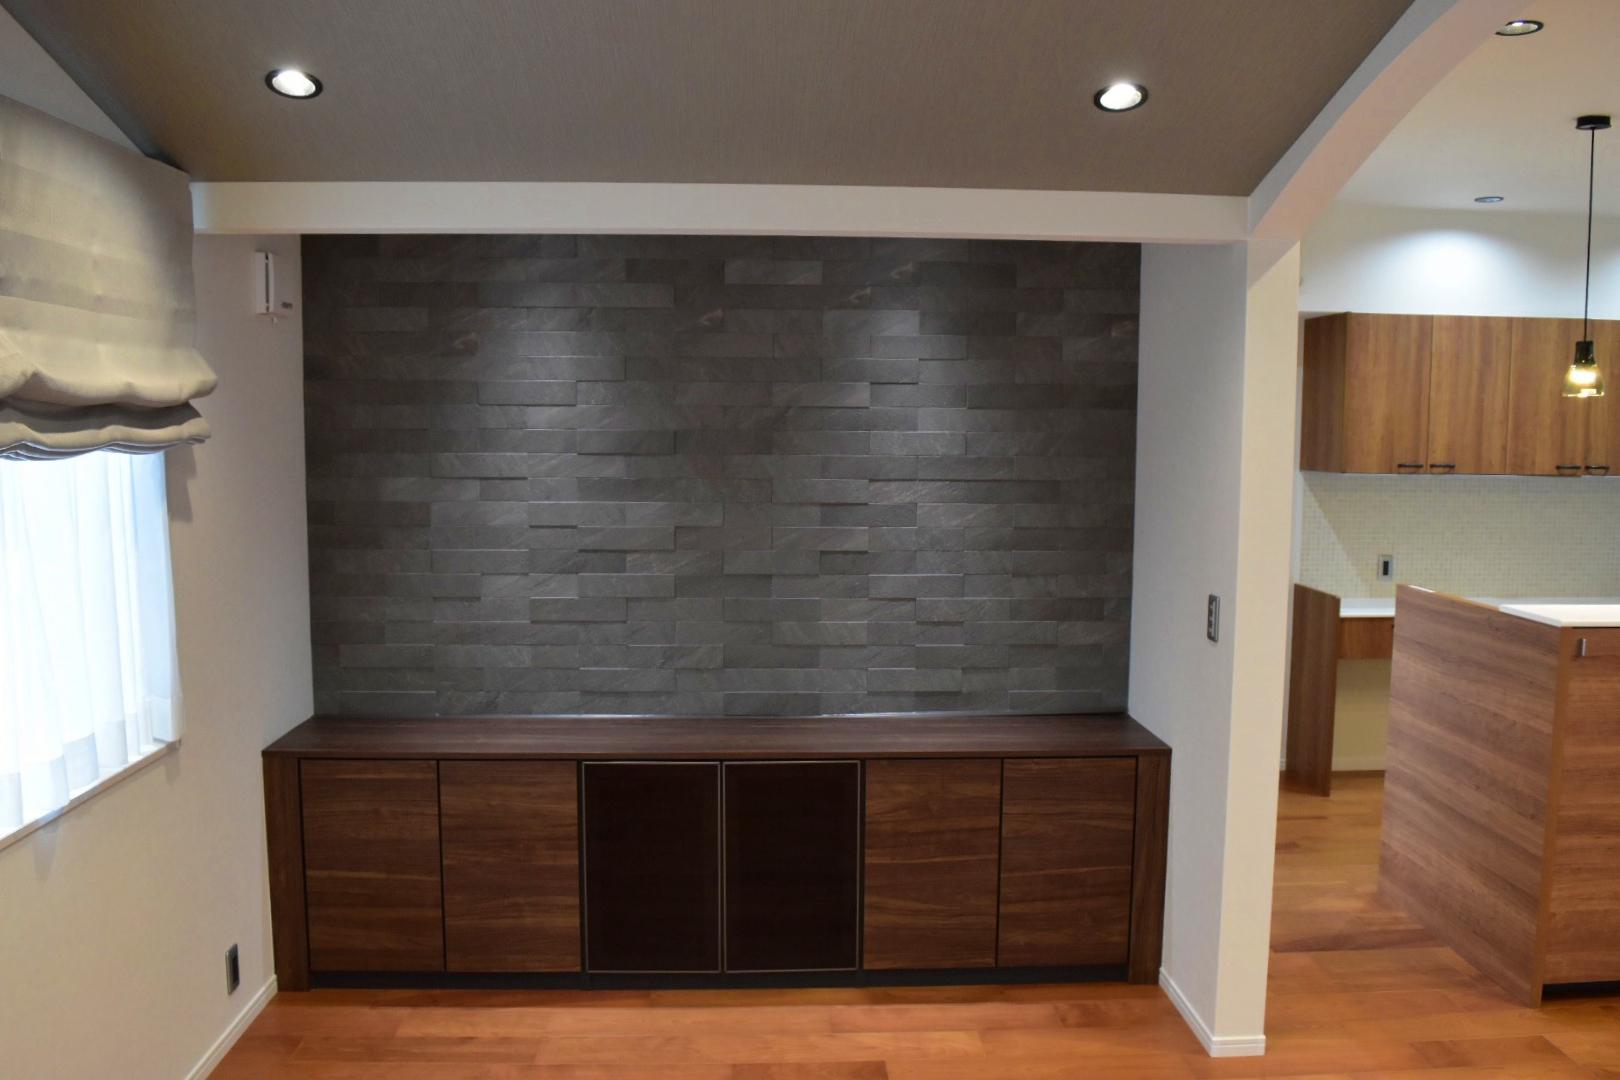 作り付のTVボードと壁には調湿効果もあるエコカラットで高級感のある空間に!